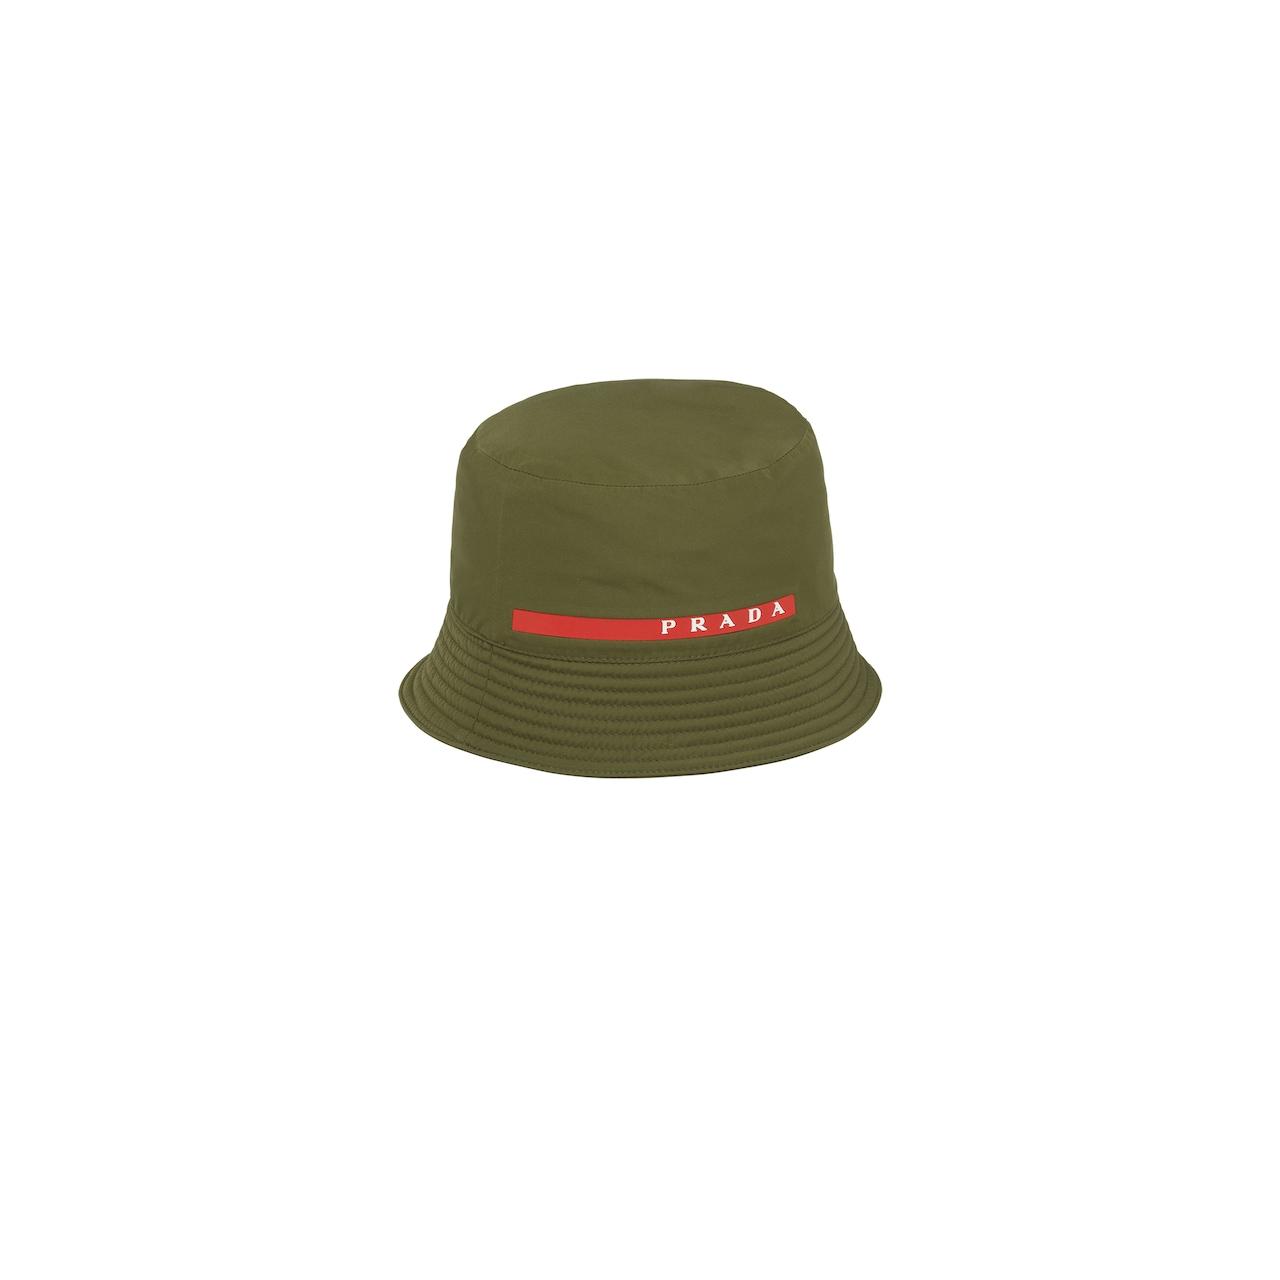 Prada 尼龙渔夫帽 2